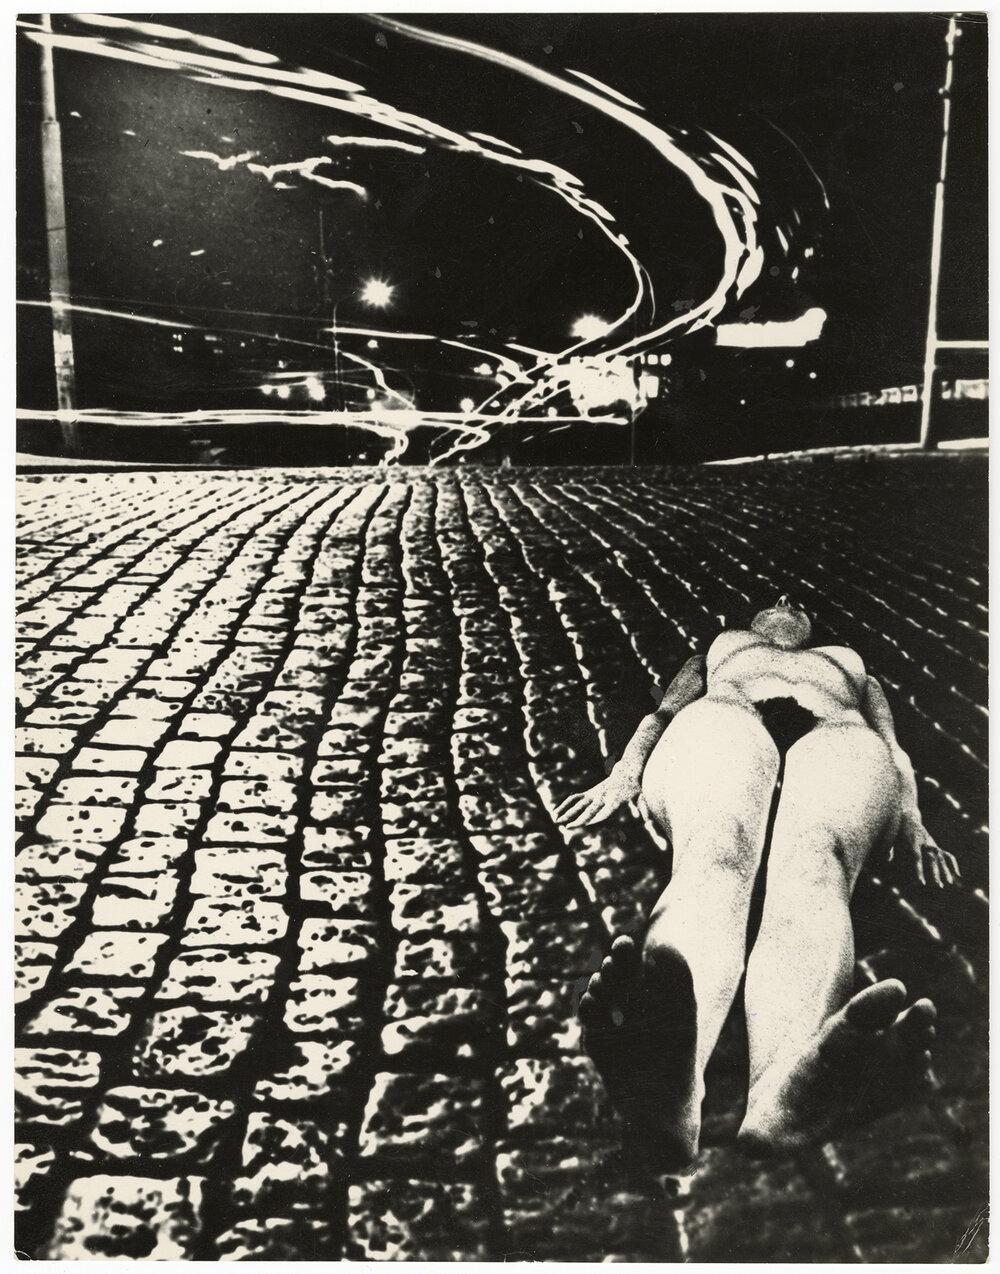 Ю. Рупин. Ночь.1974, серебряно-желатиновая печать. Коллекция Музея Харьковской школы фотографии (MOKSOP).